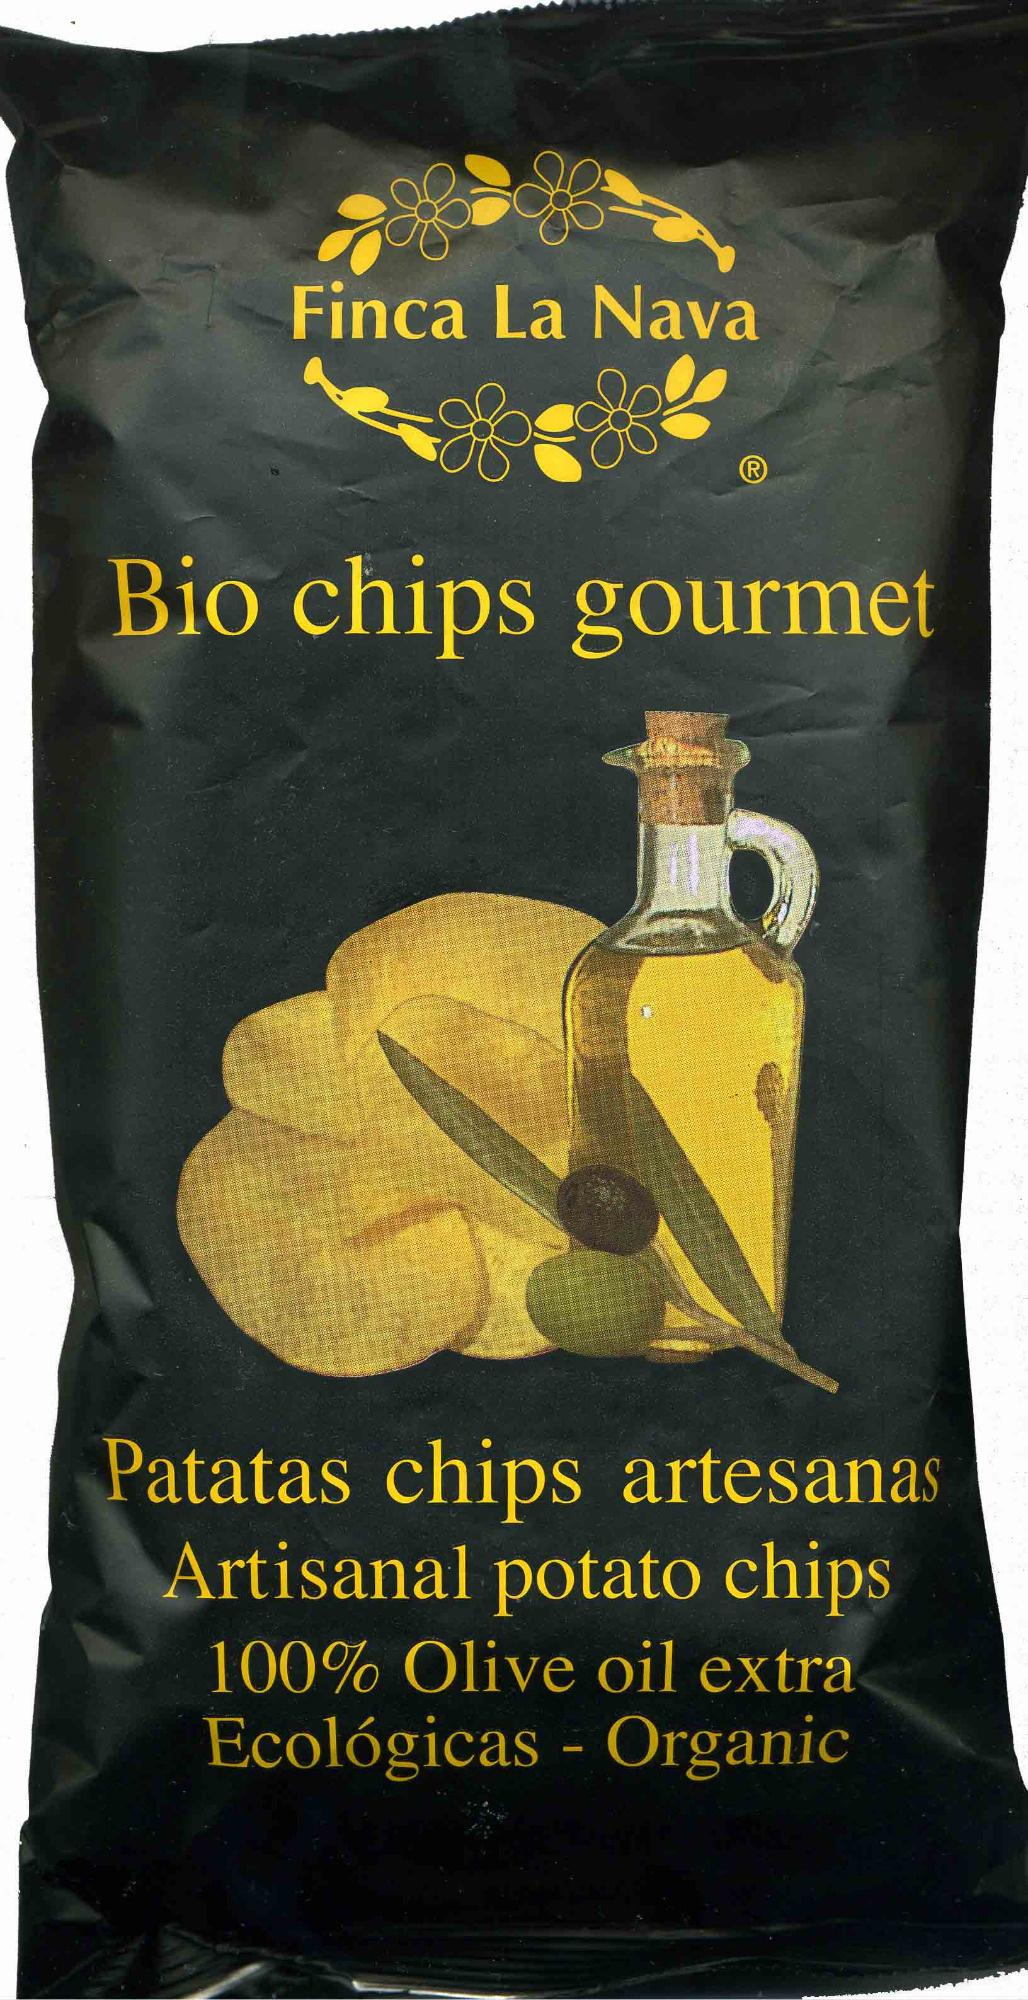 Patatas chips artesanas - Product - es